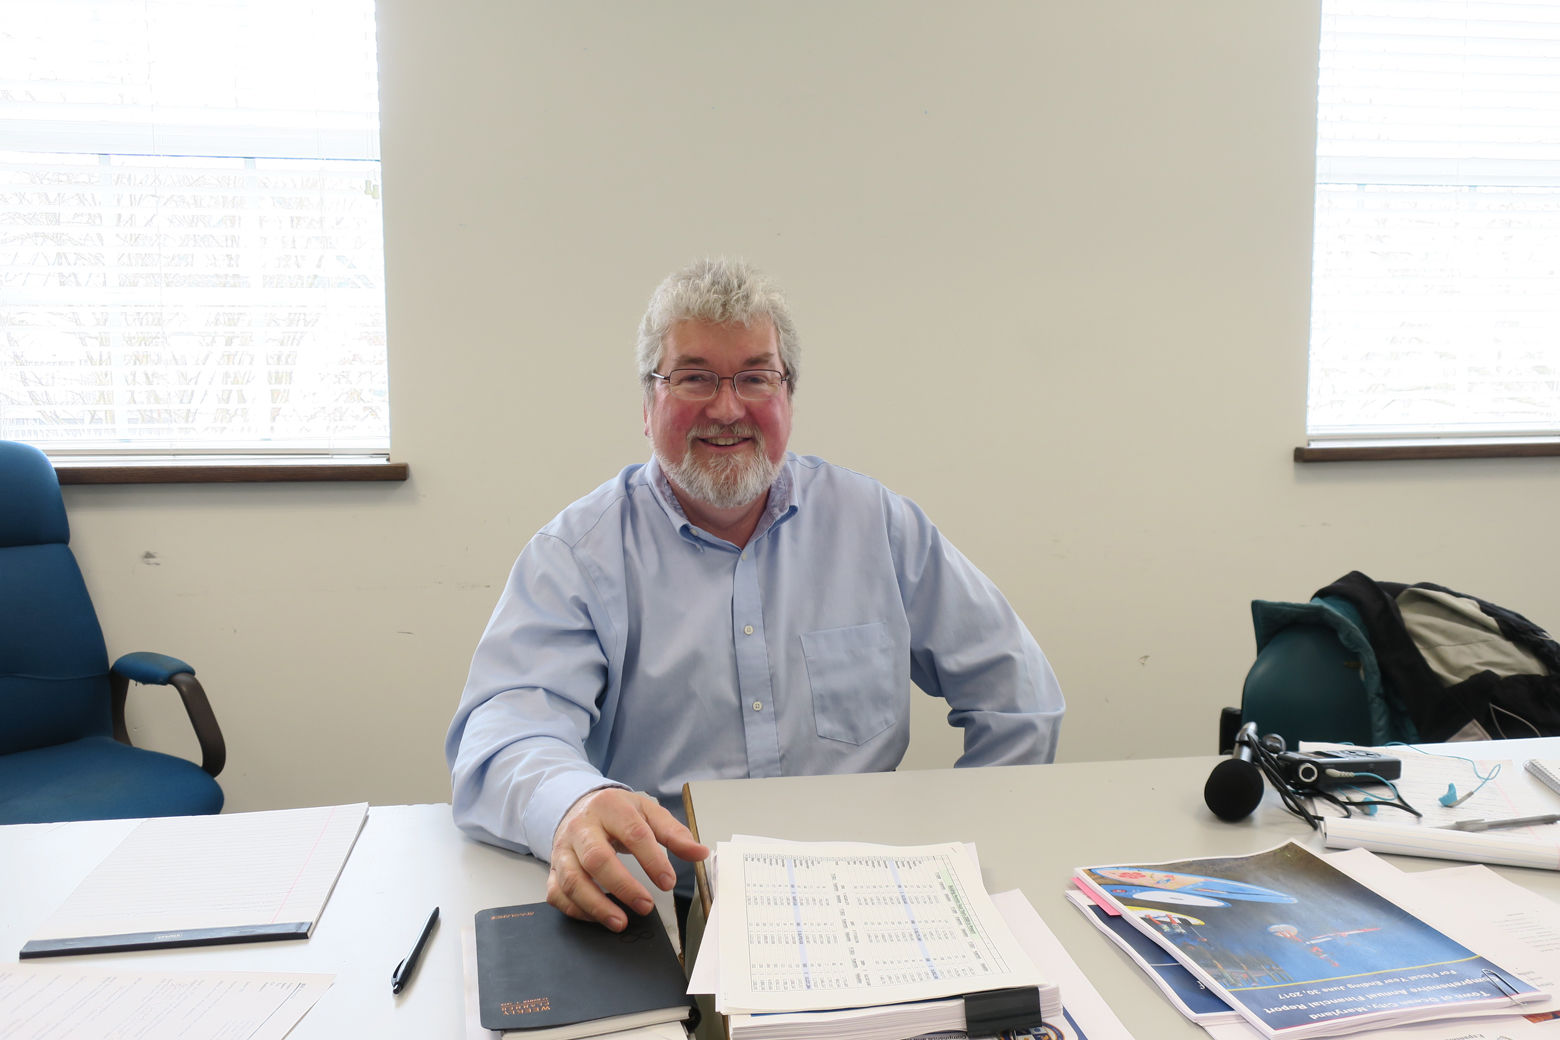 Bill Neville, Ocean City planning director